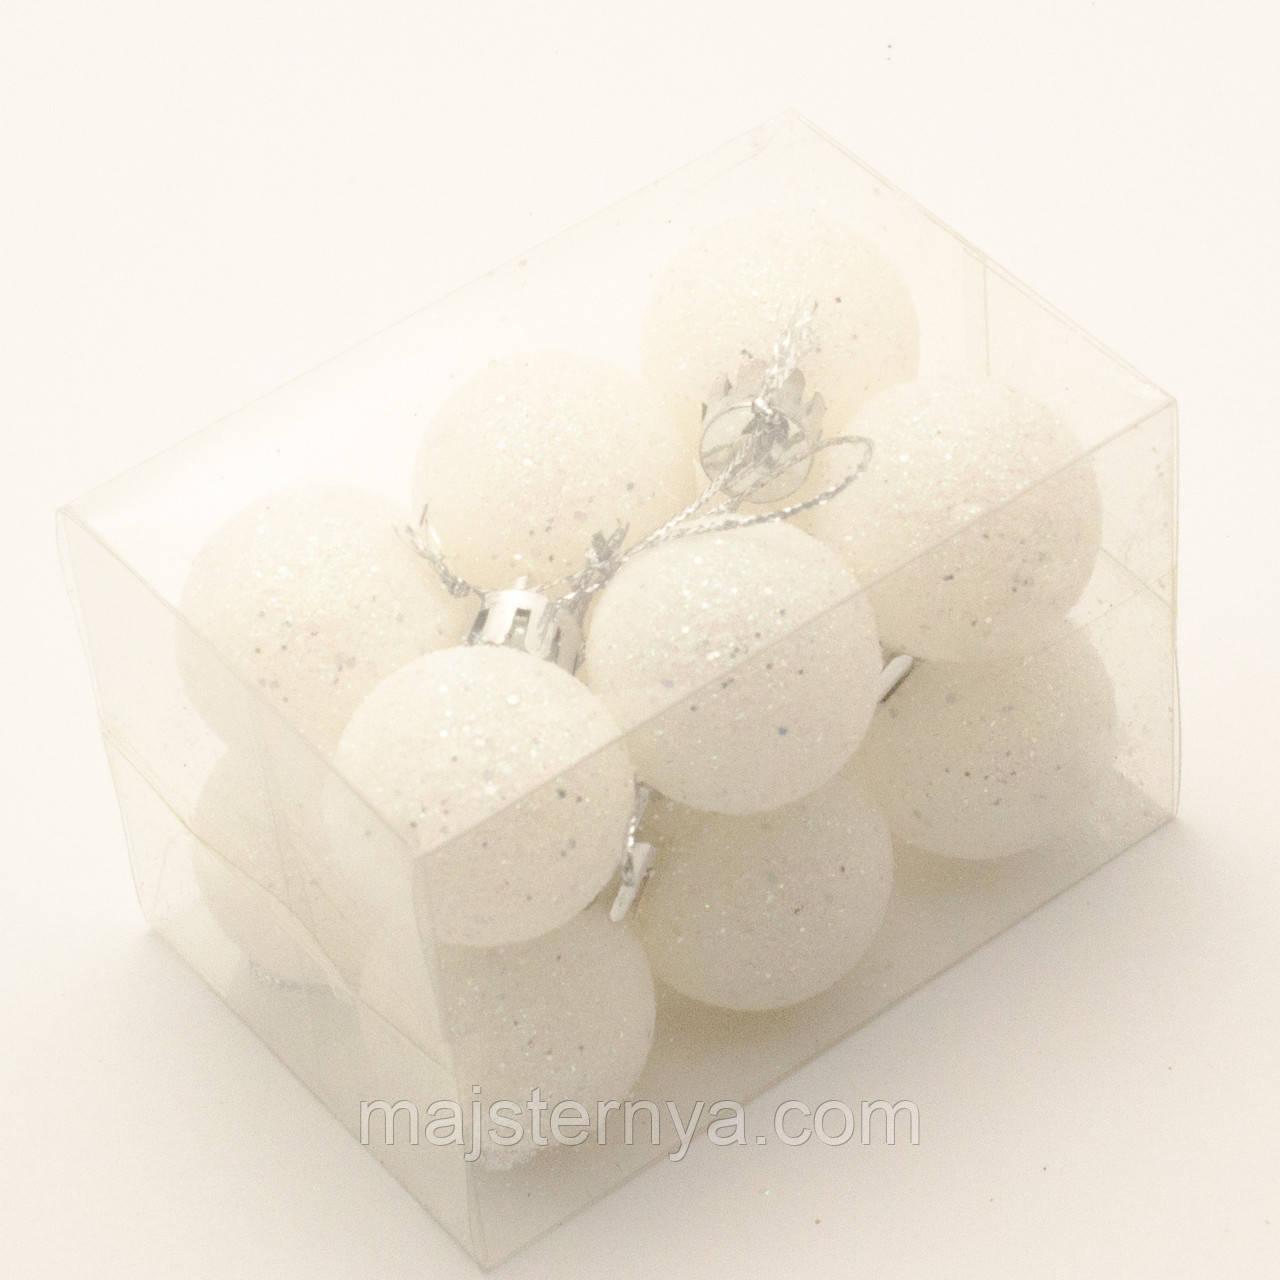 Новорічні іграшки на ялинку - білі кулі 5см (12шт в упаковці)